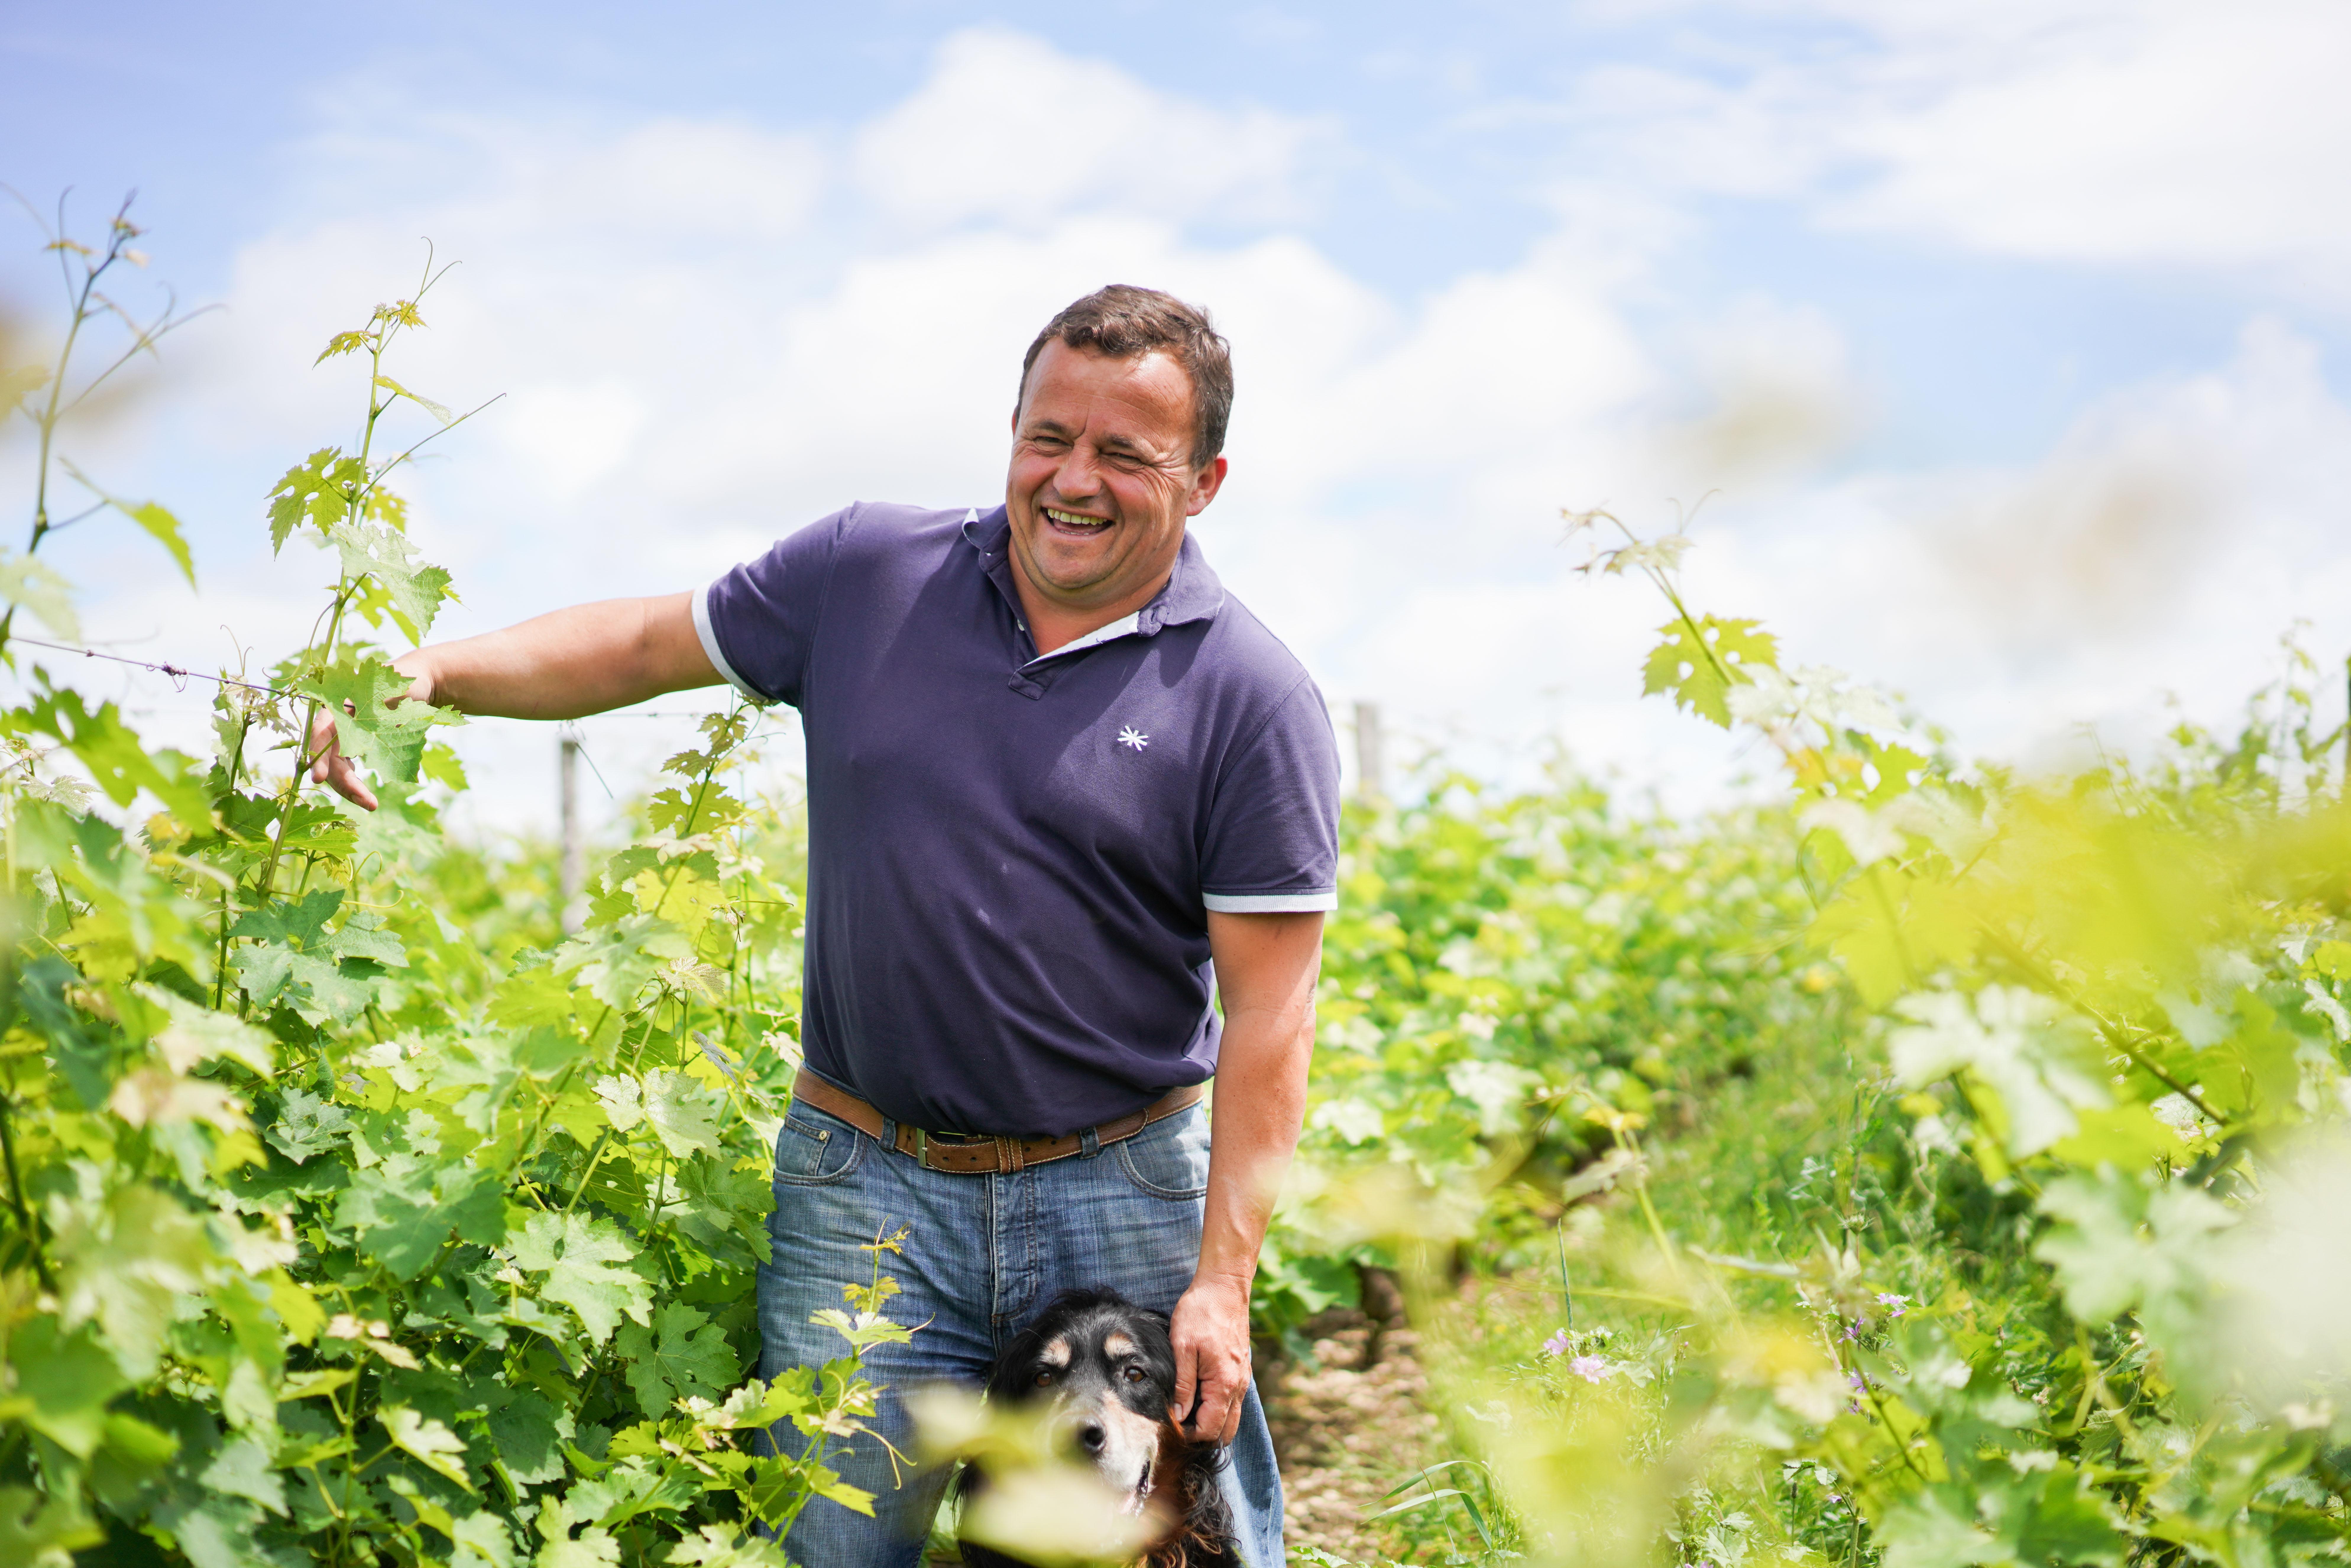 Marc Medeville portret interview wijnmaker wijn bordeaux